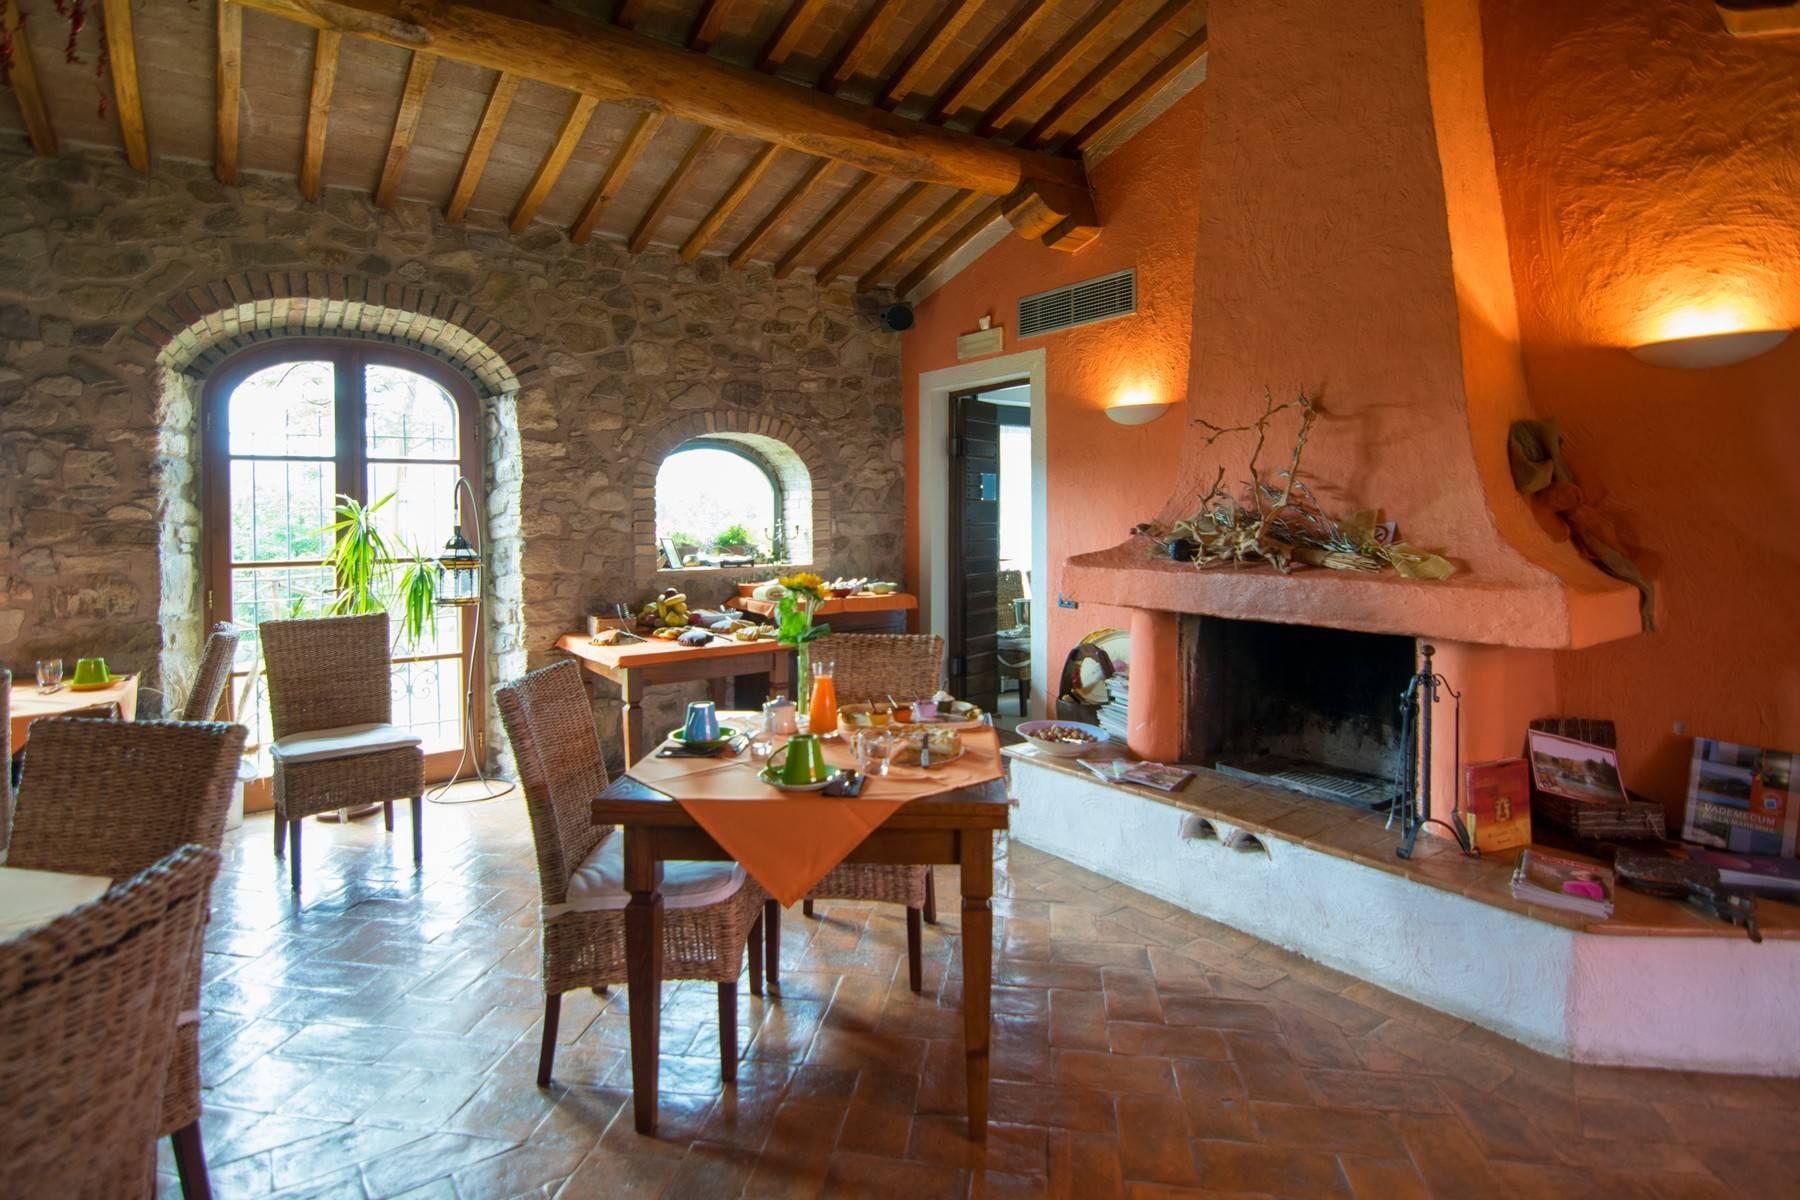 Rustico in Vendita a Manciano: 5 locali, 615 mq - Foto 11